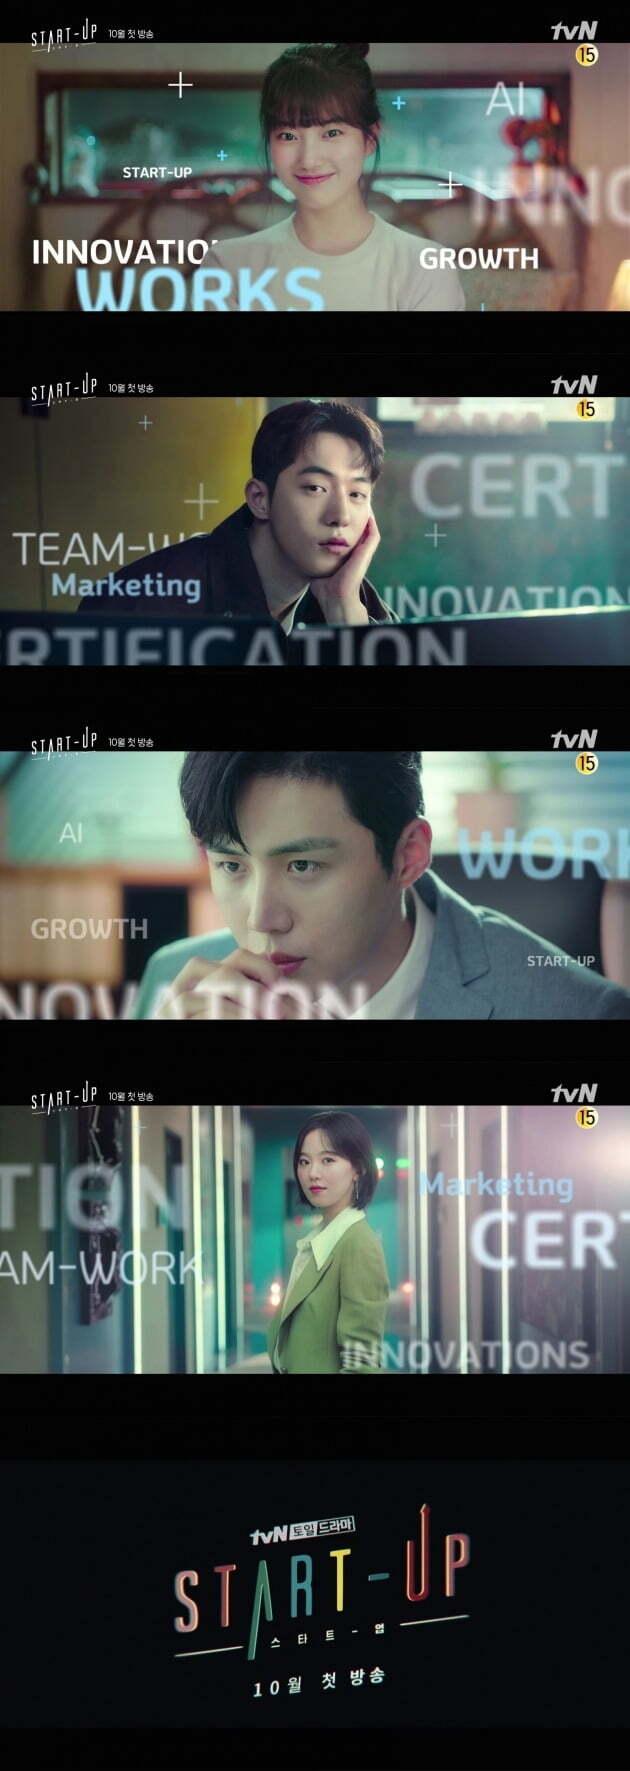 '스타트업' 티저 영상./사진제공=tvN